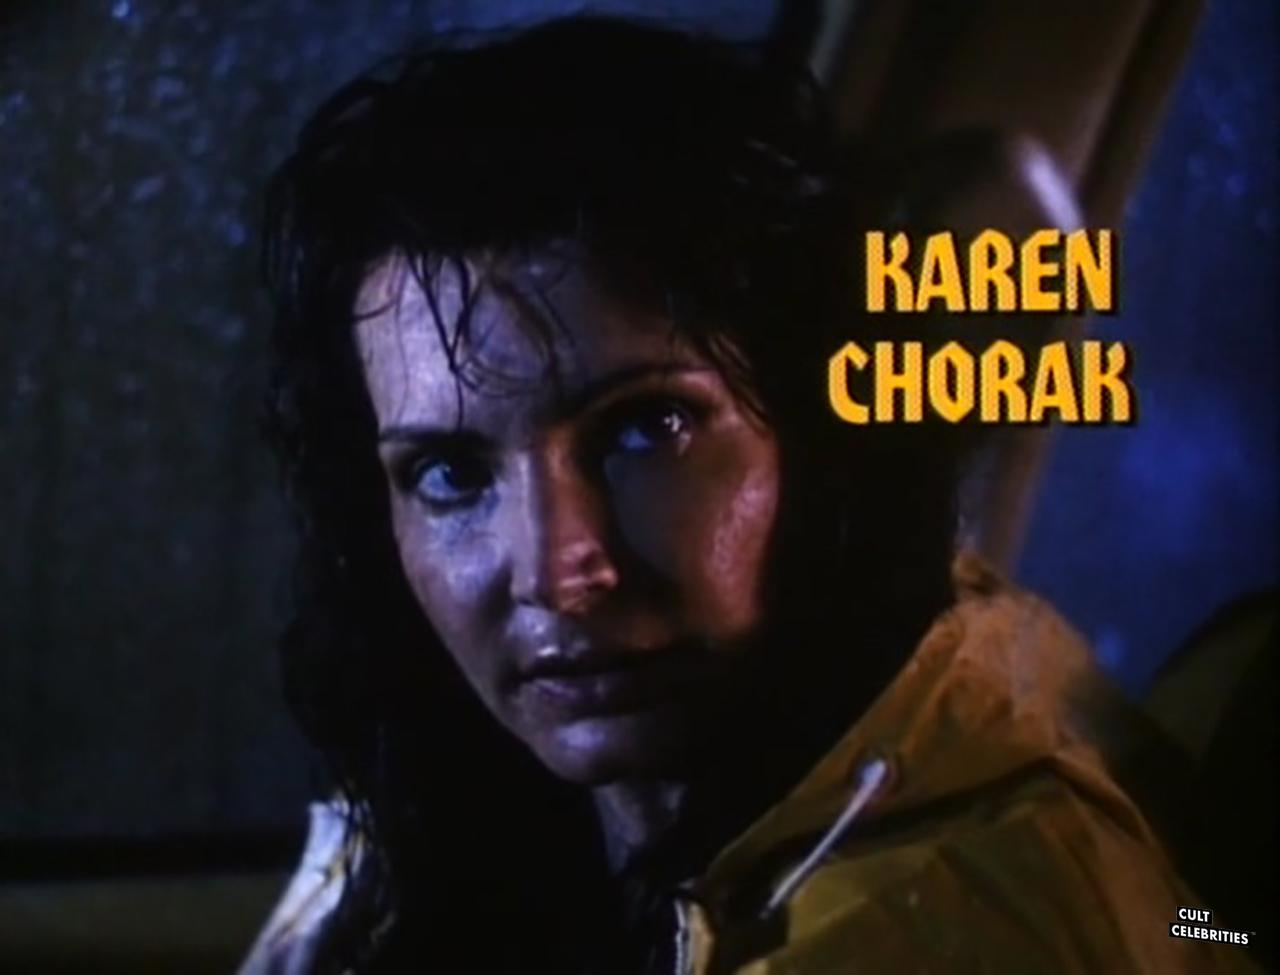 Toni Naples in Hard to Die (1990) as Karen Chorak